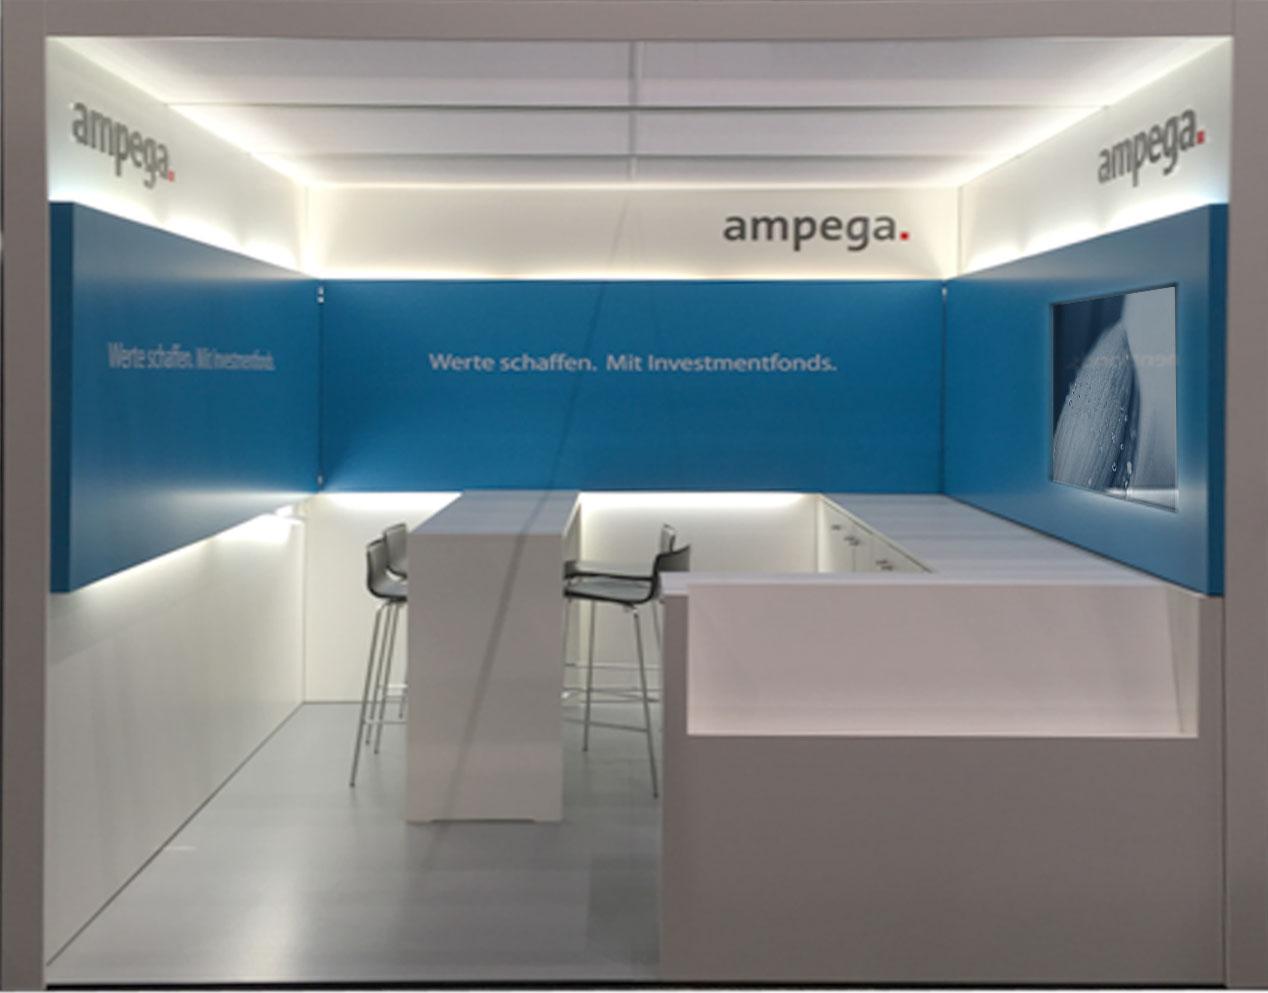 Ampega2015